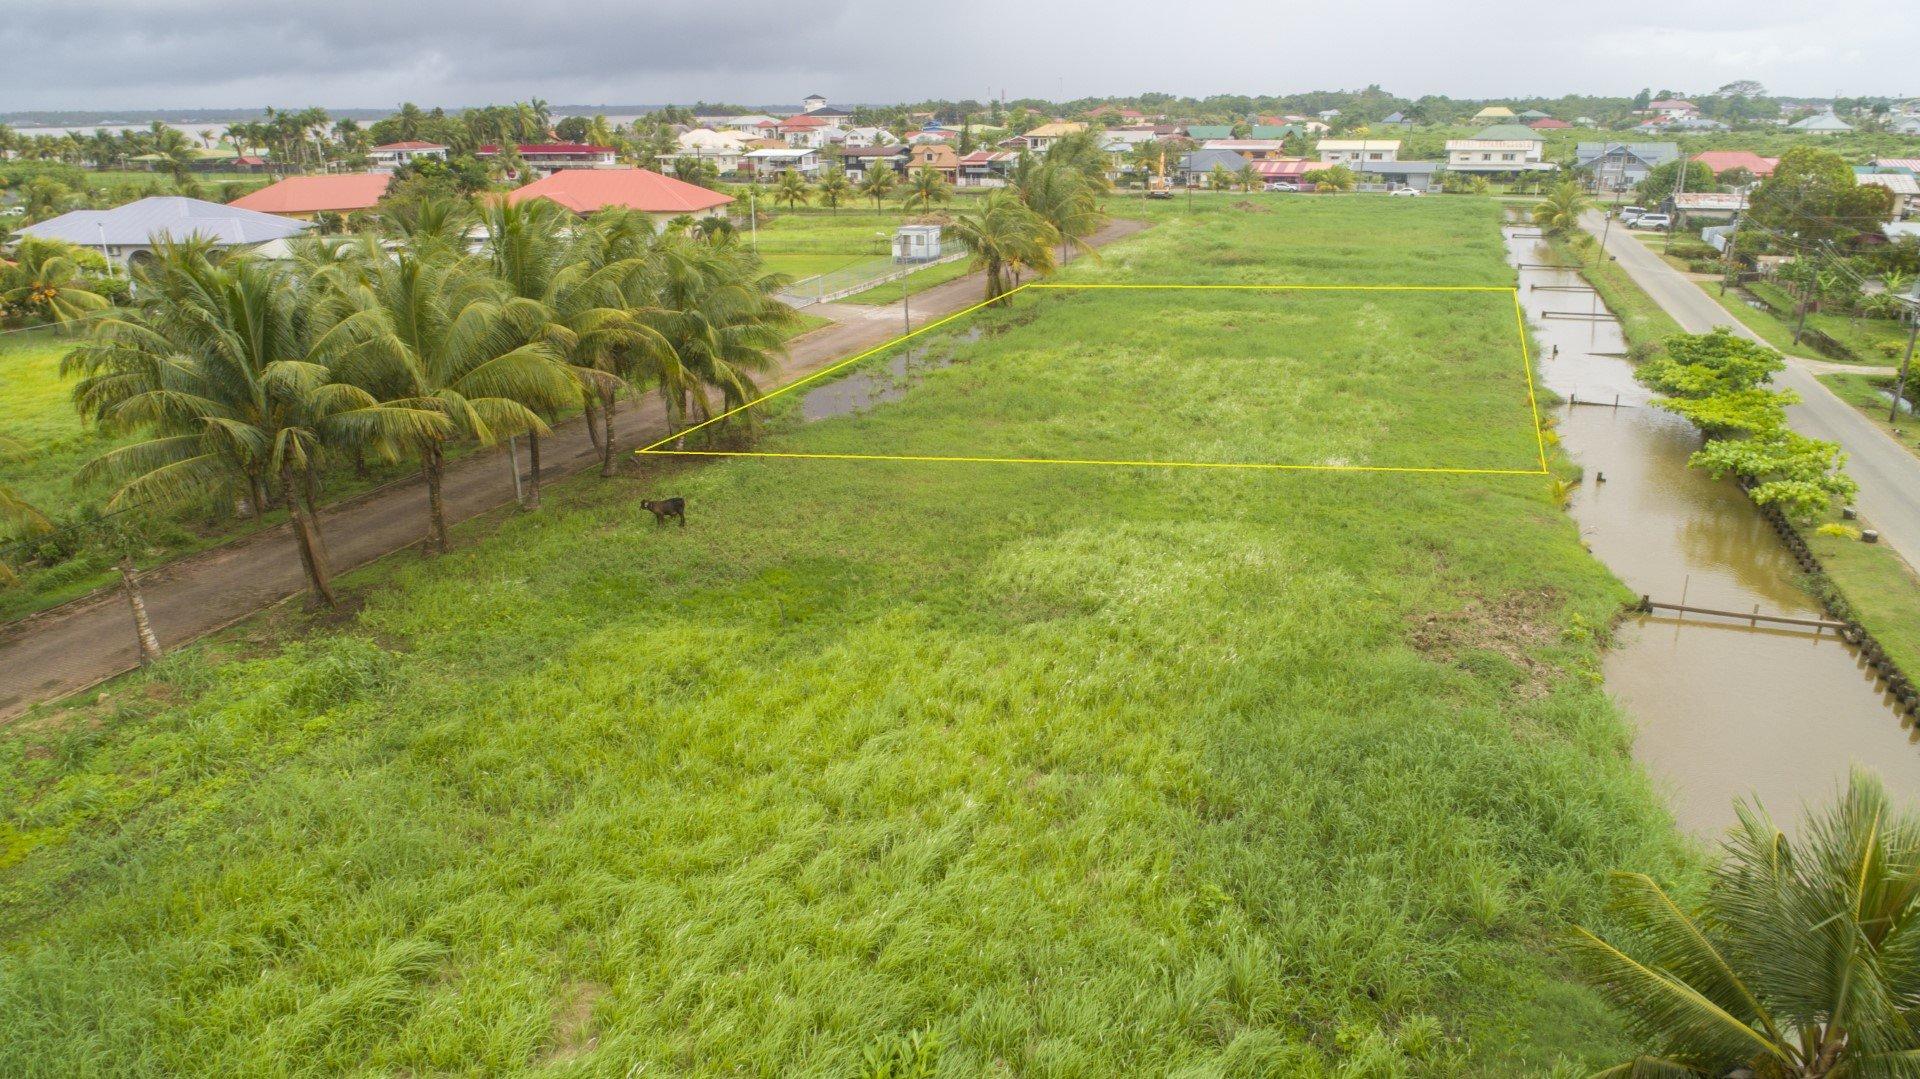 Eusieweg 4 - Zeer fraai gelegen villakavel gelegen aan de Eusieweg langs de Anton Dragtenweg. - Surgoed Makelaardij NV - Paramaribo, Suriname